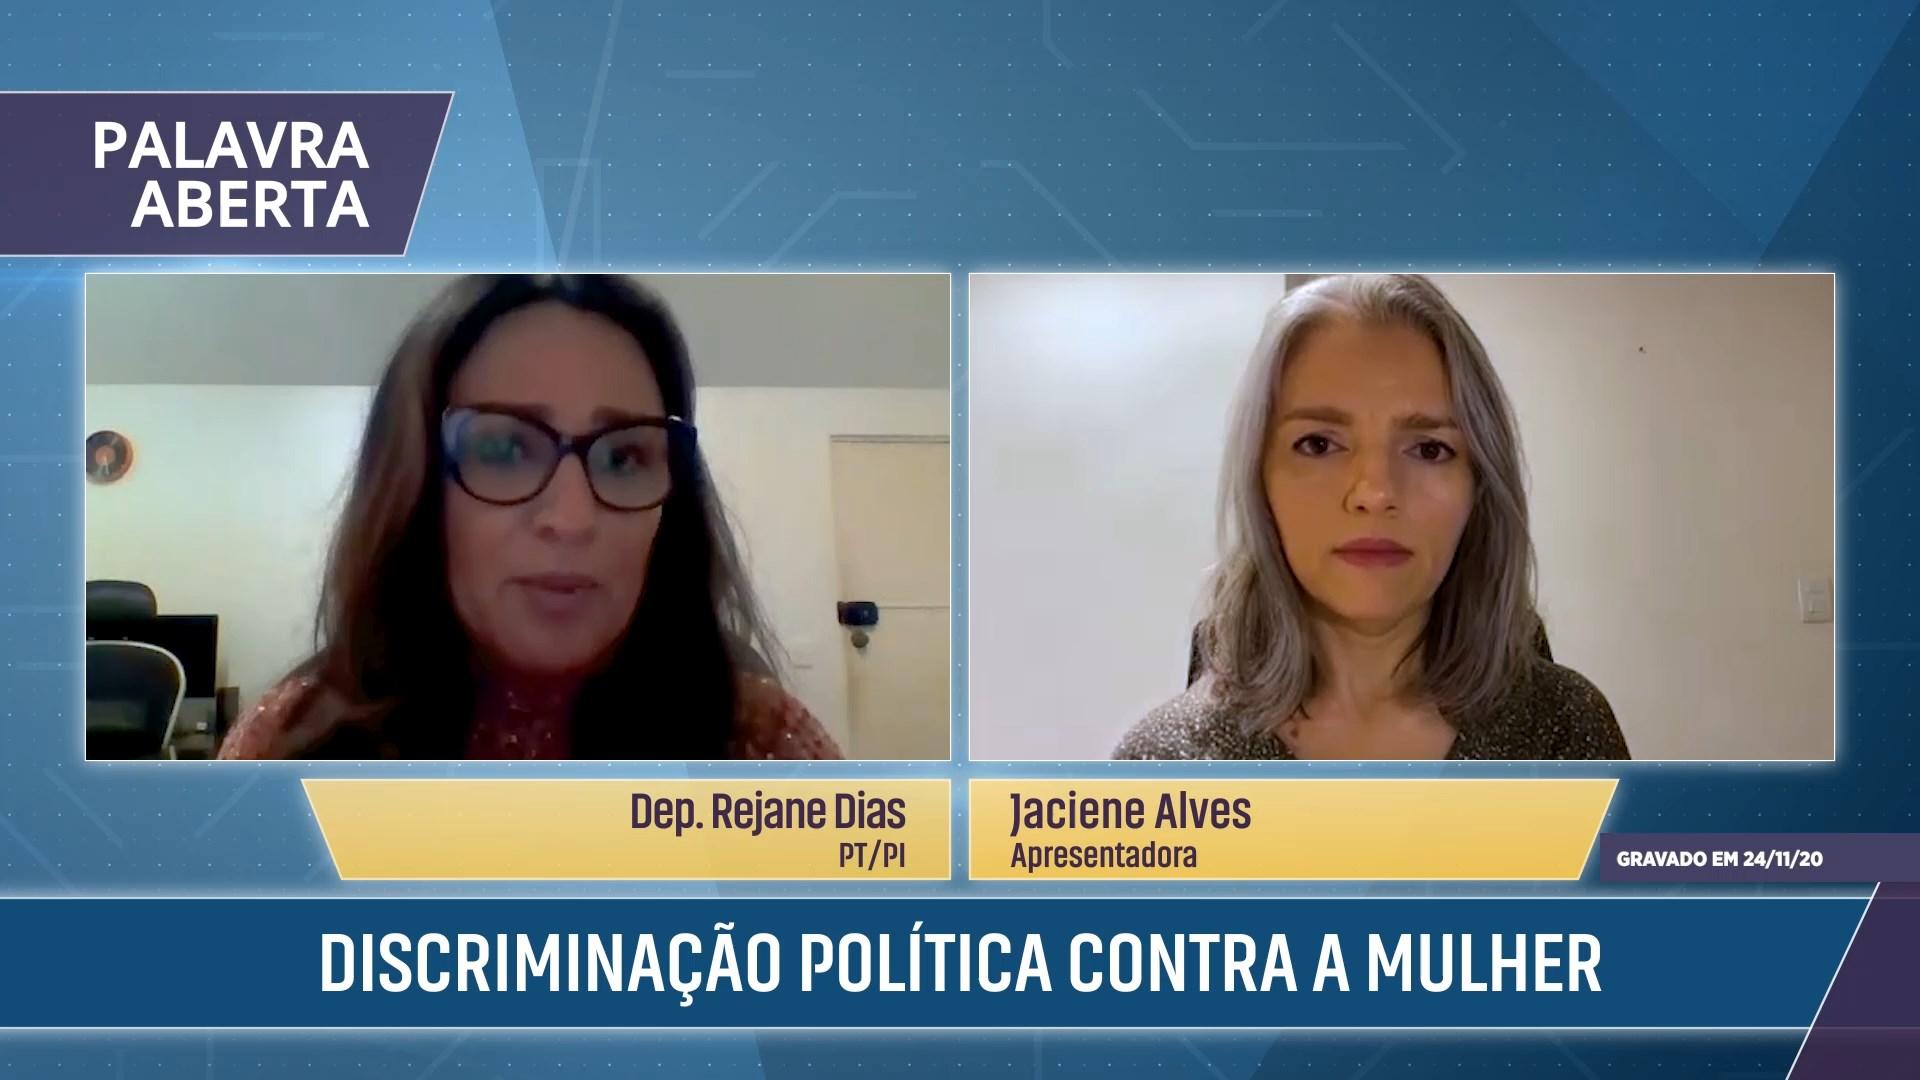 Violência e discriminação política contra a mulher